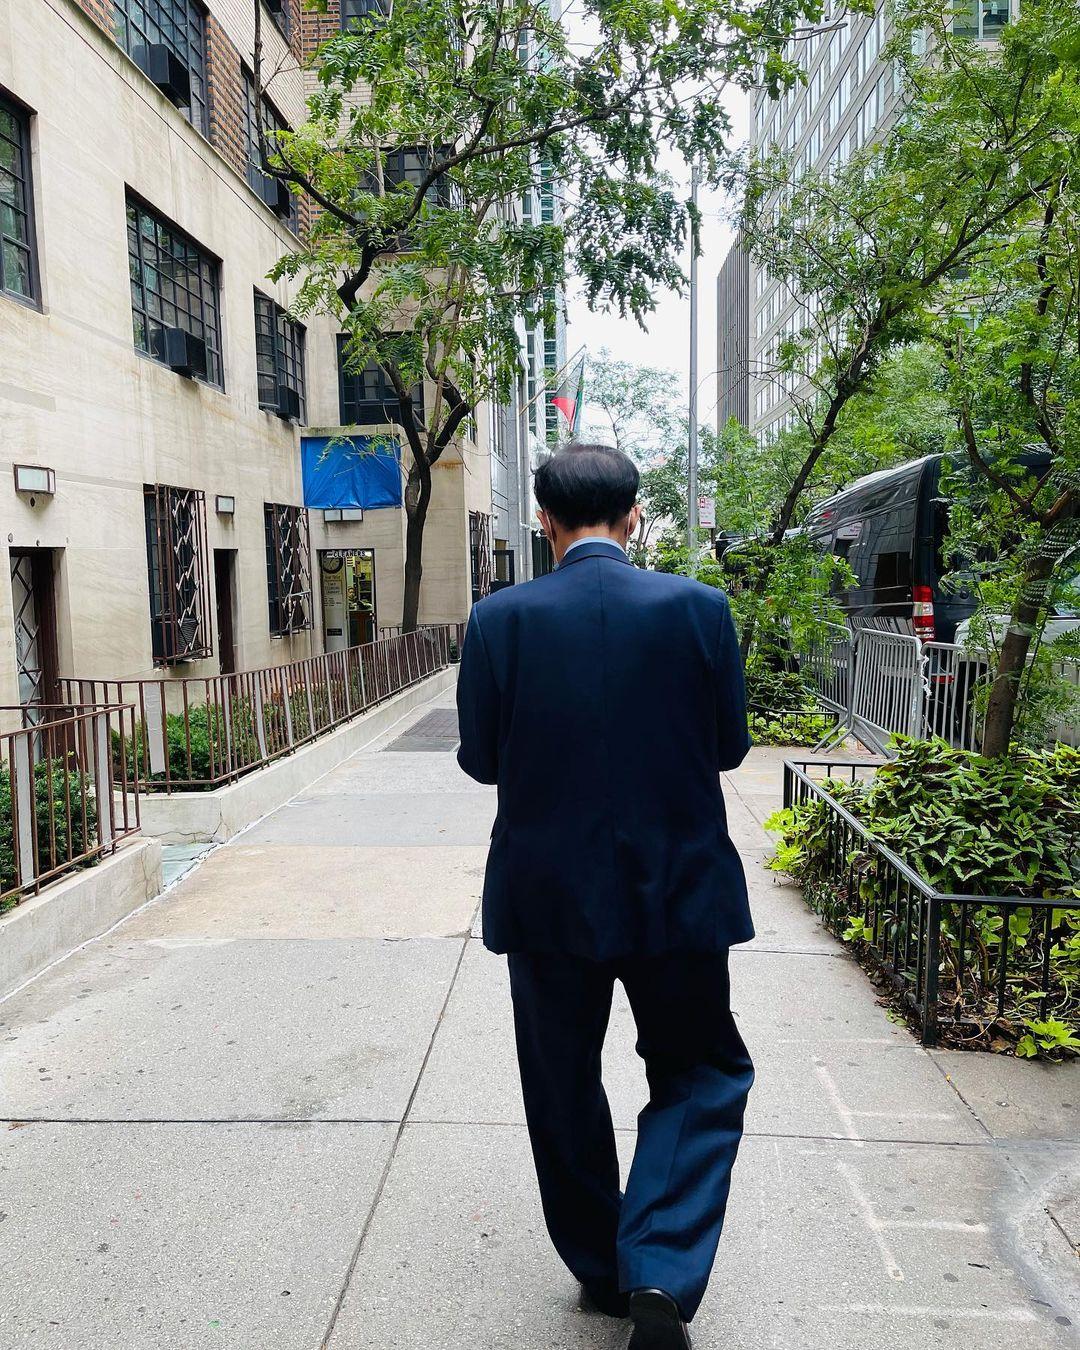 Philip Nguyễn cùng cha tỷ phú ăn fast food khi công tác ở Mỹ - 1